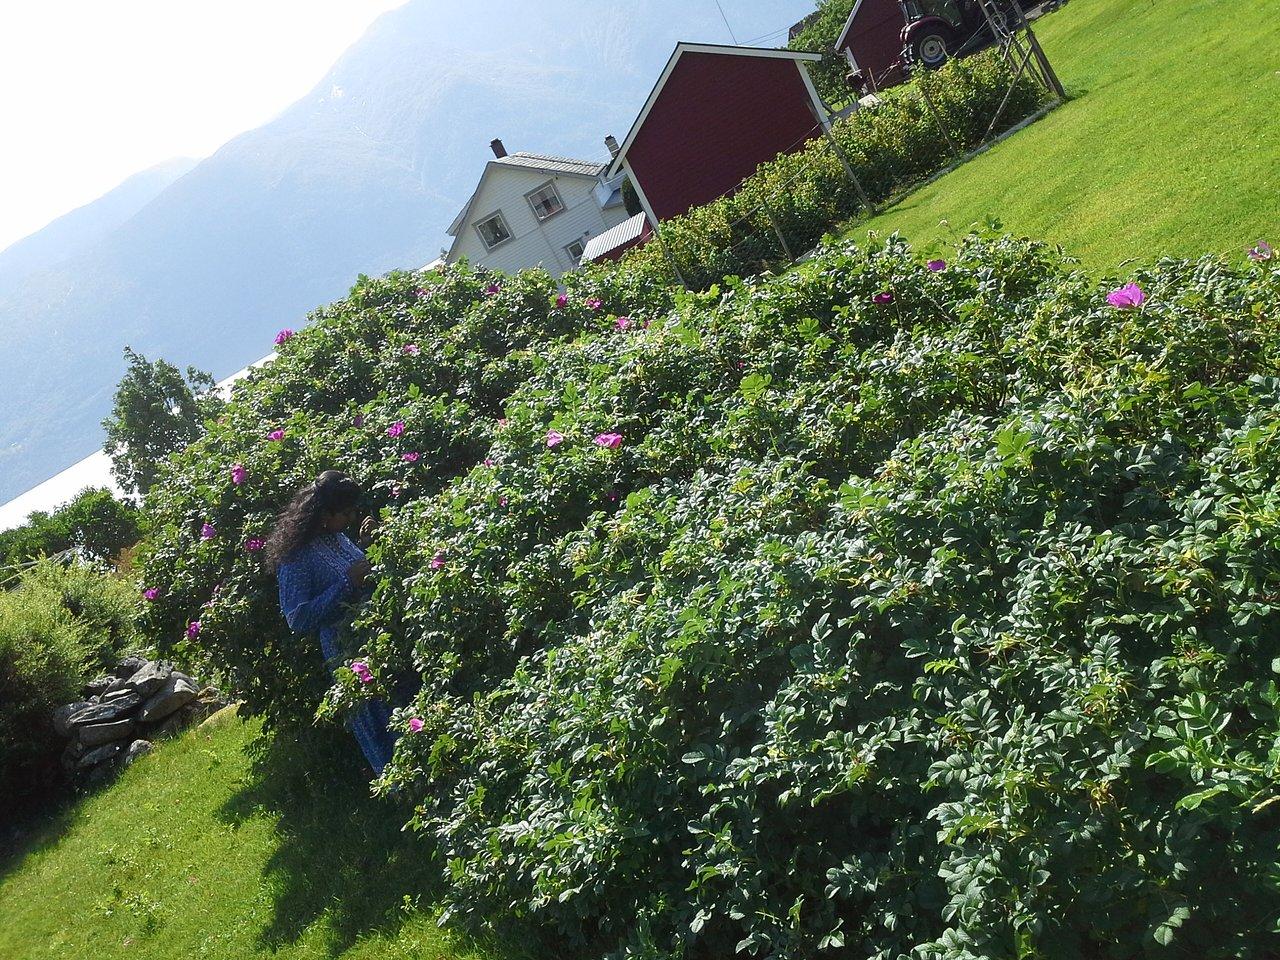 Camping med telt. Anmeldelse av Nygard Camping, Hjelle